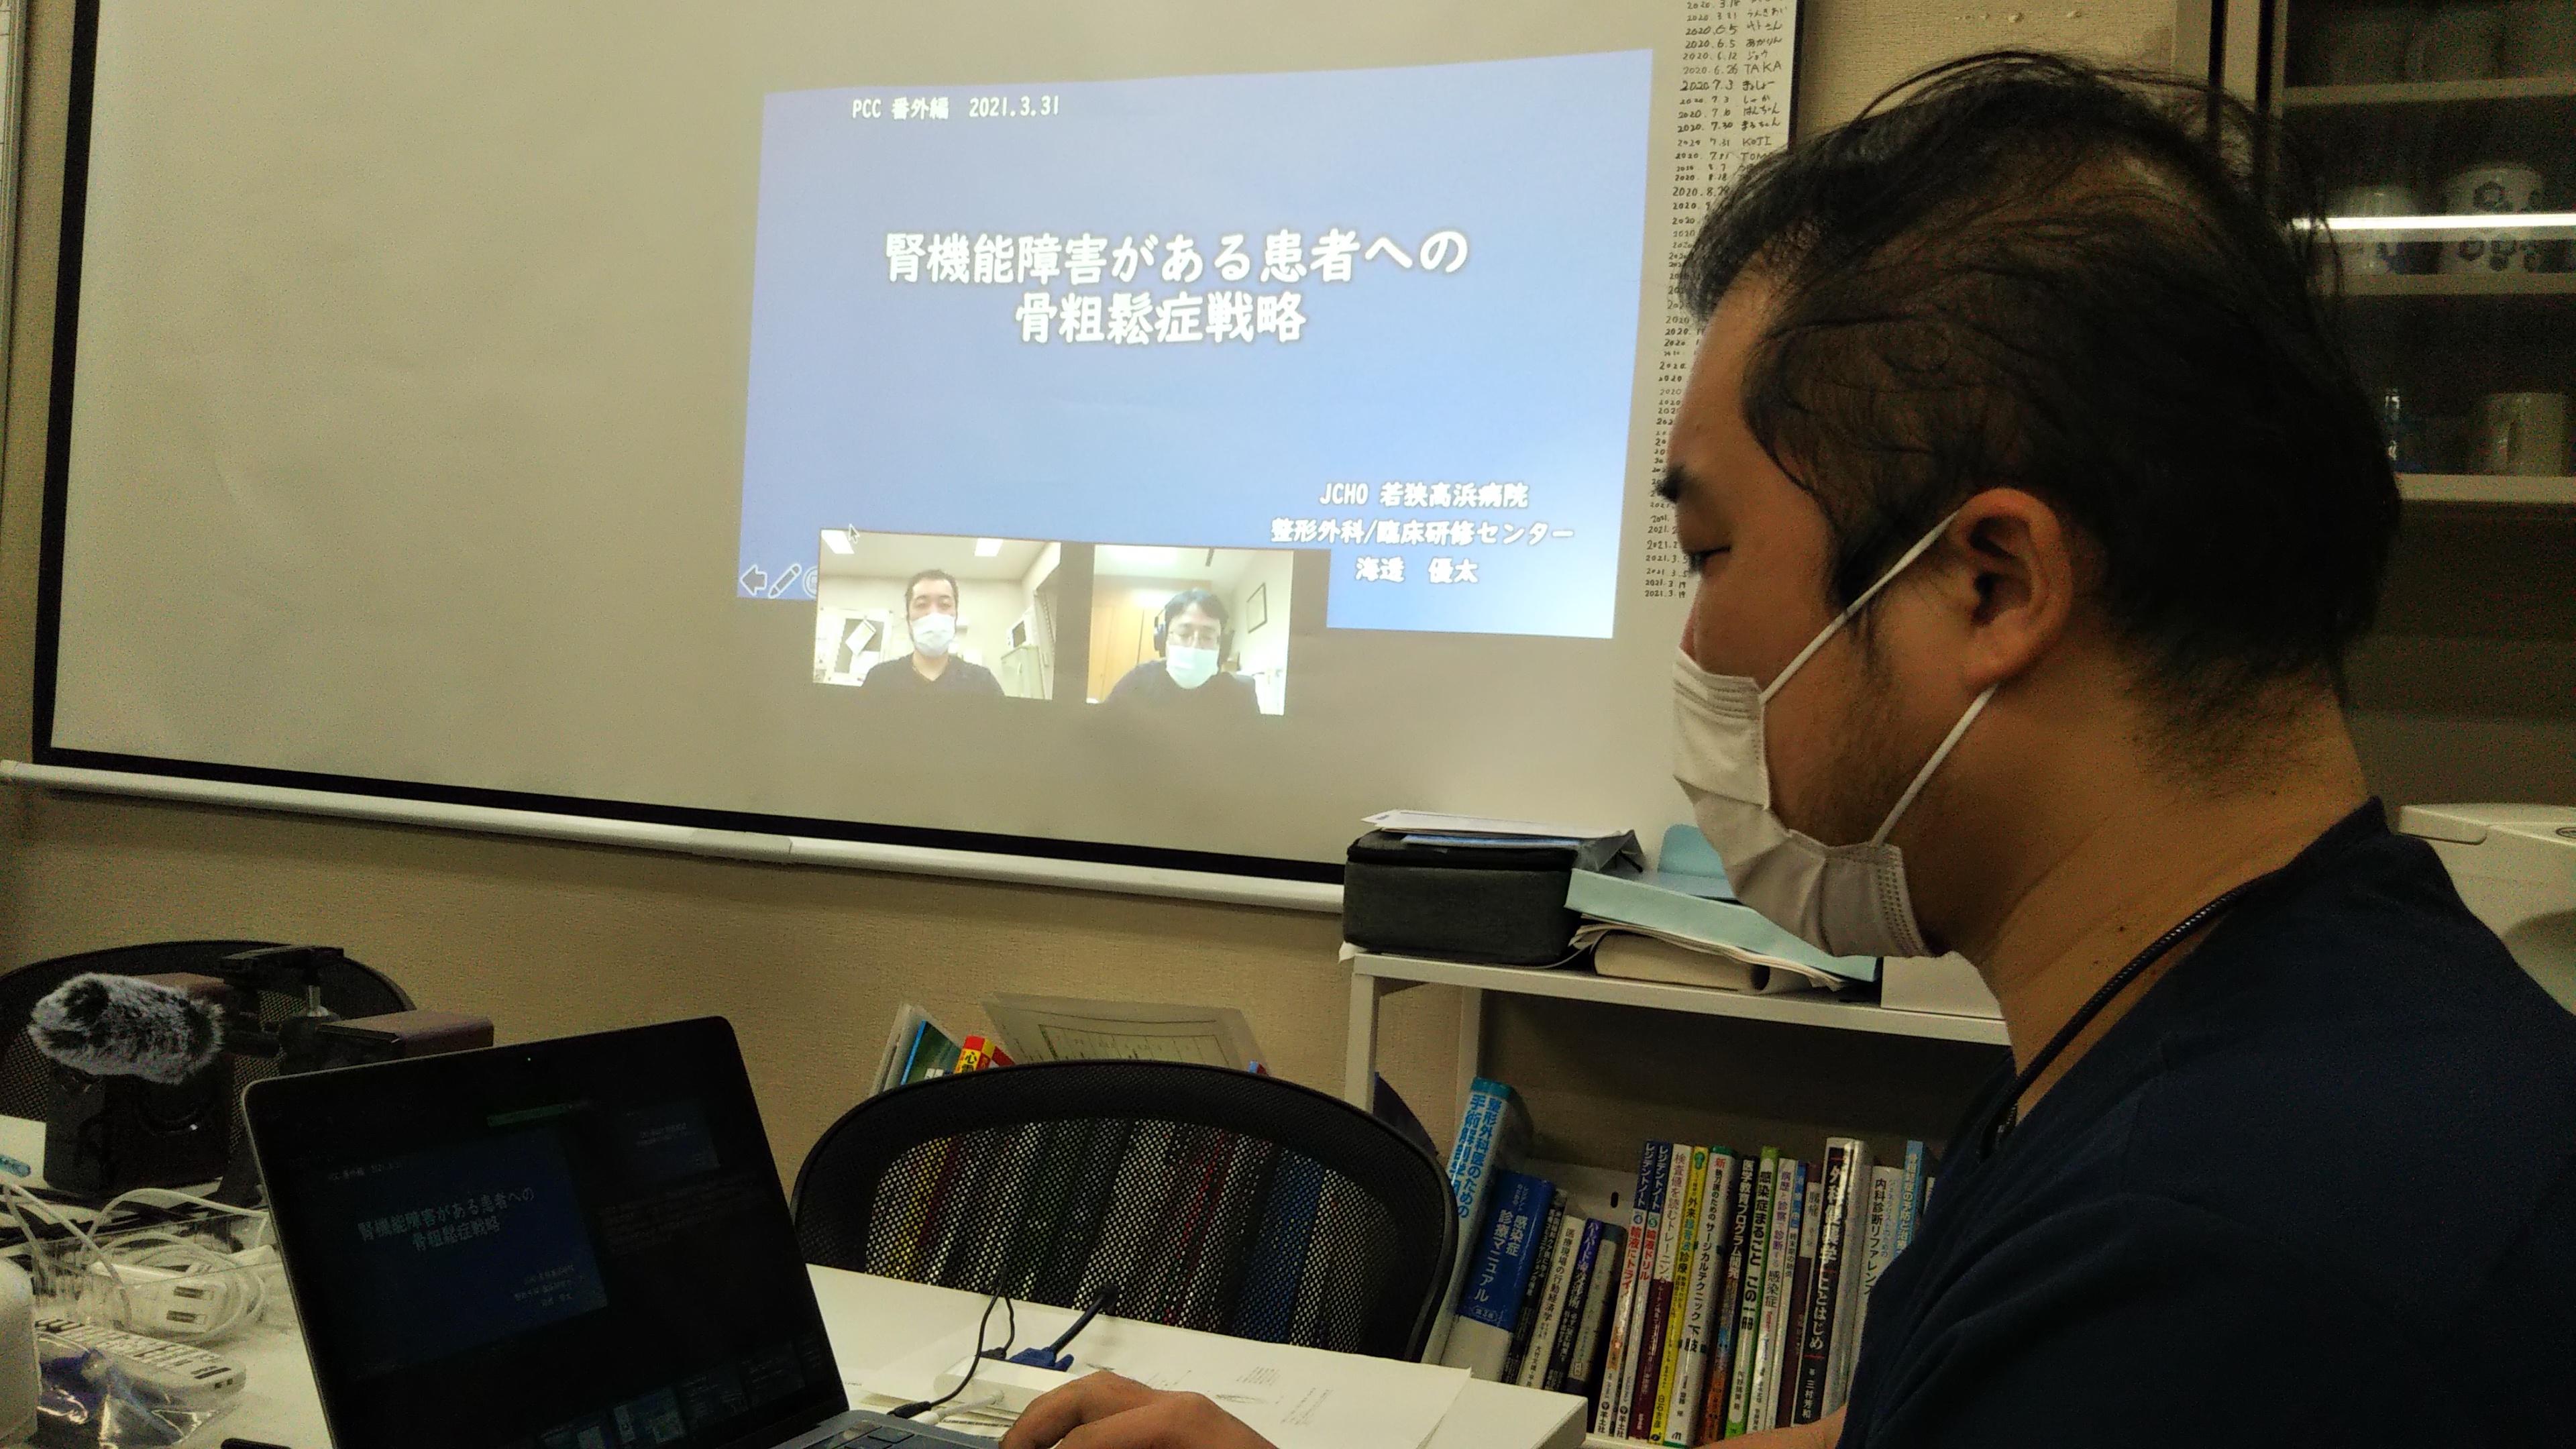 JCHO若狭高浜病院の海透優太先生が札幌医科大学プライマリケアカンファレンス(PCC)の講義を担当されます。